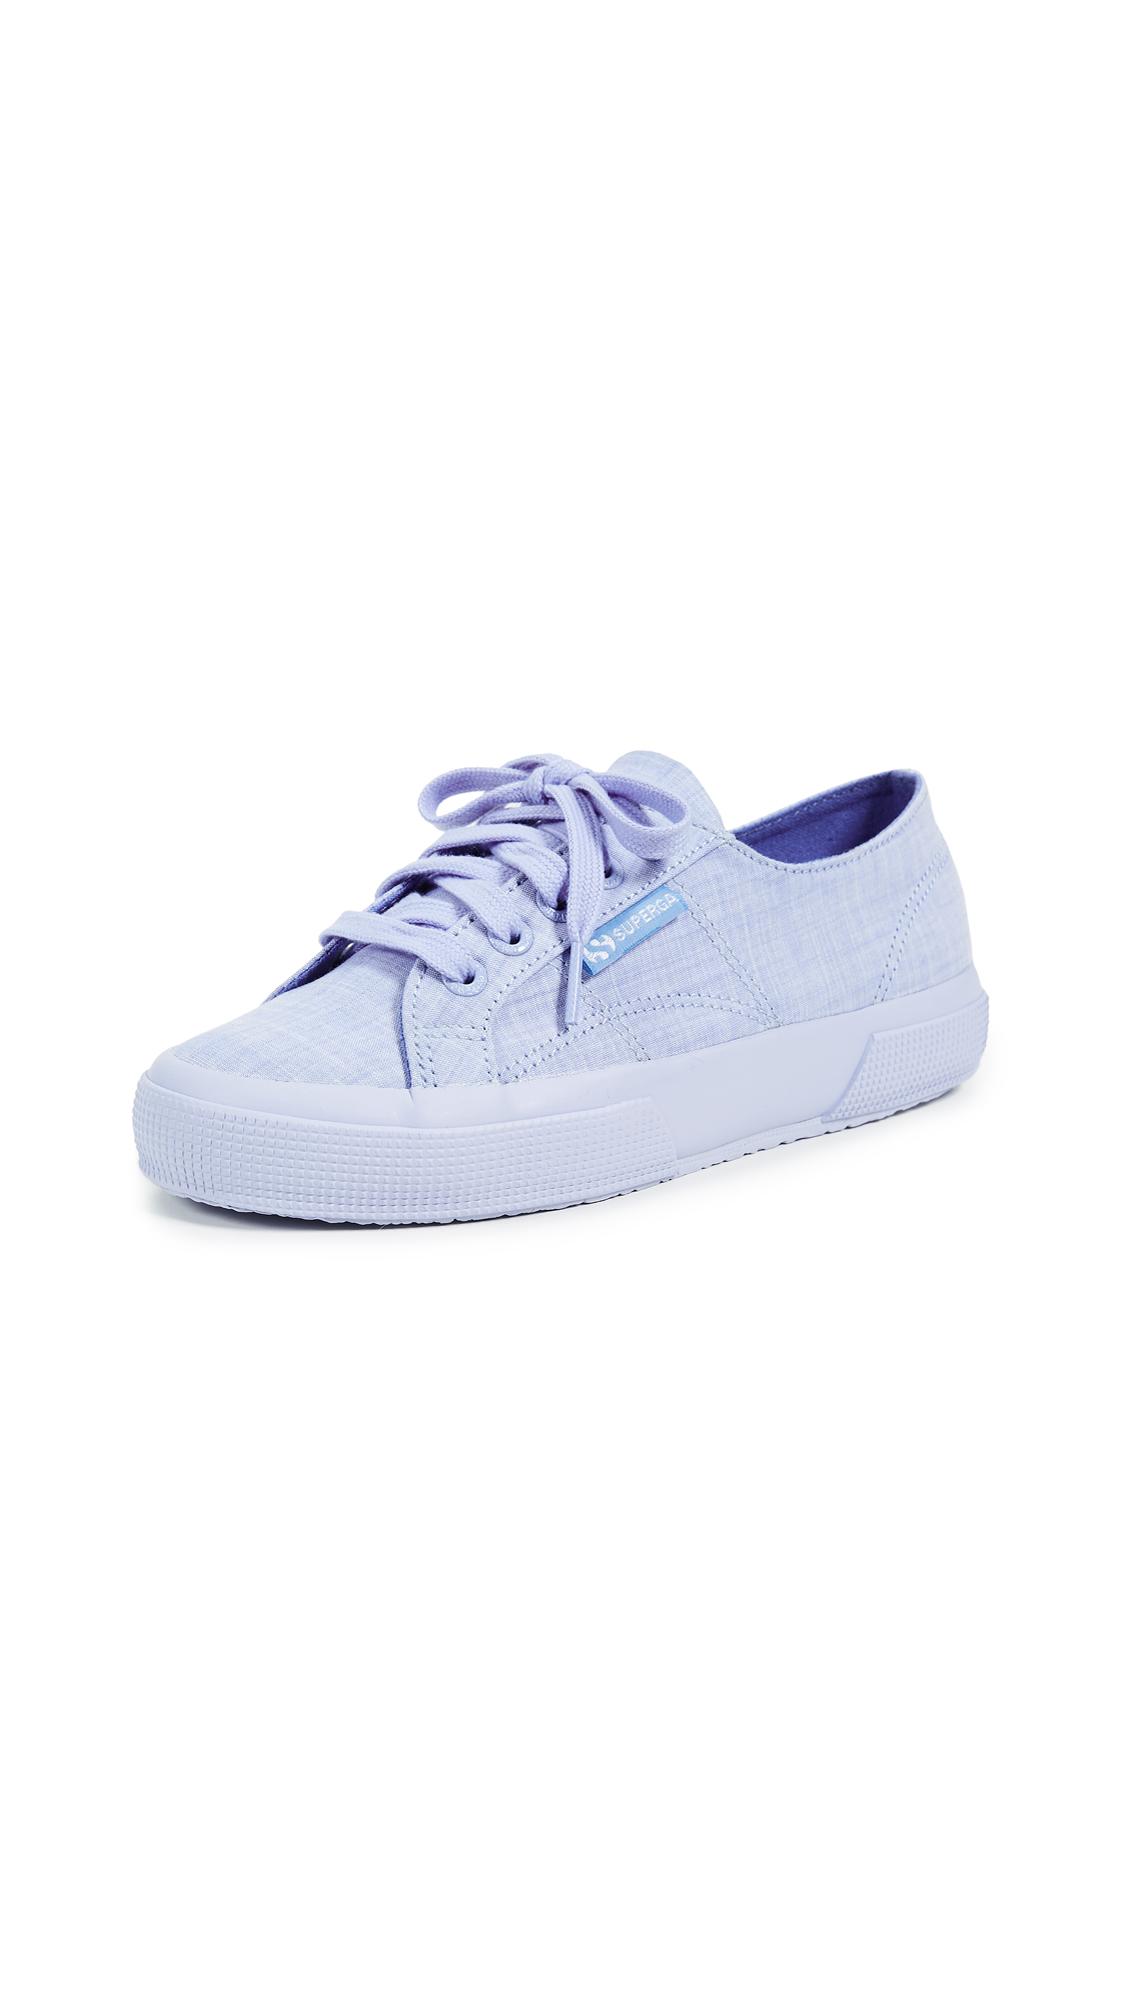 Superga 2750 Cotton Melangu Sneakers